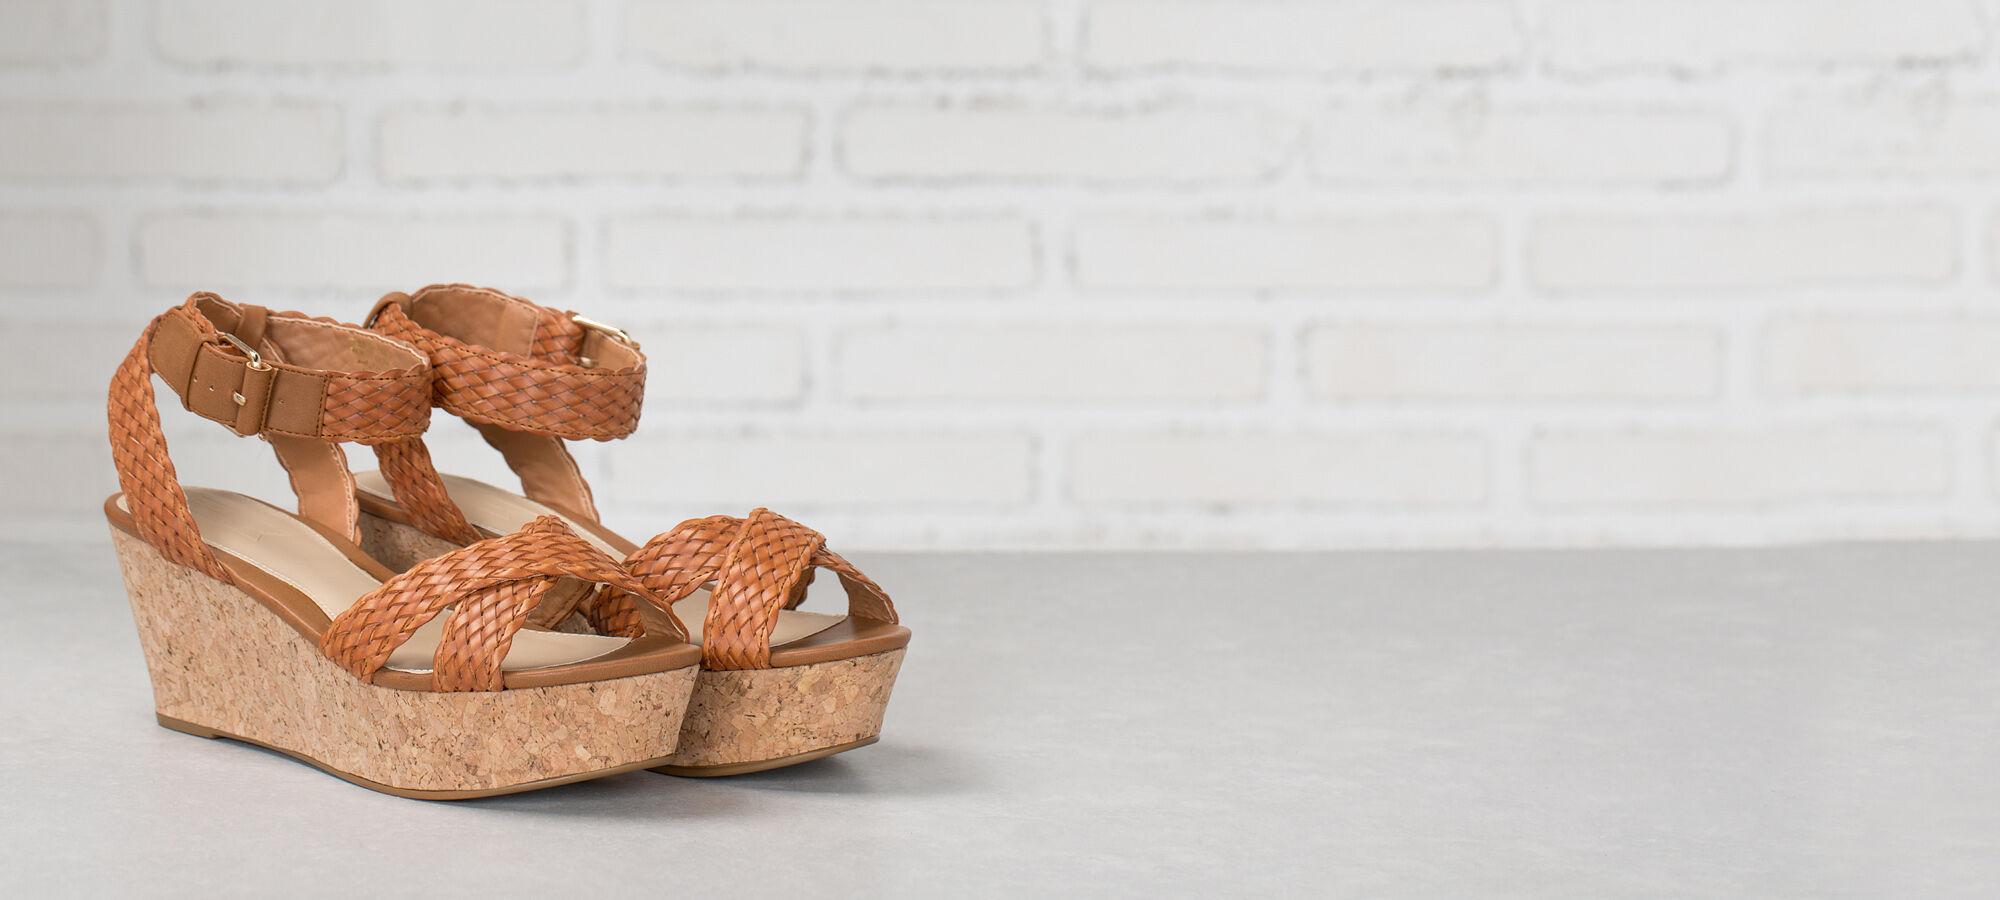 Sandalia de plataforma de corcho, de pulsera con cierre de hebilla, con tiras cruzadas en la parte delantera. Springfield.